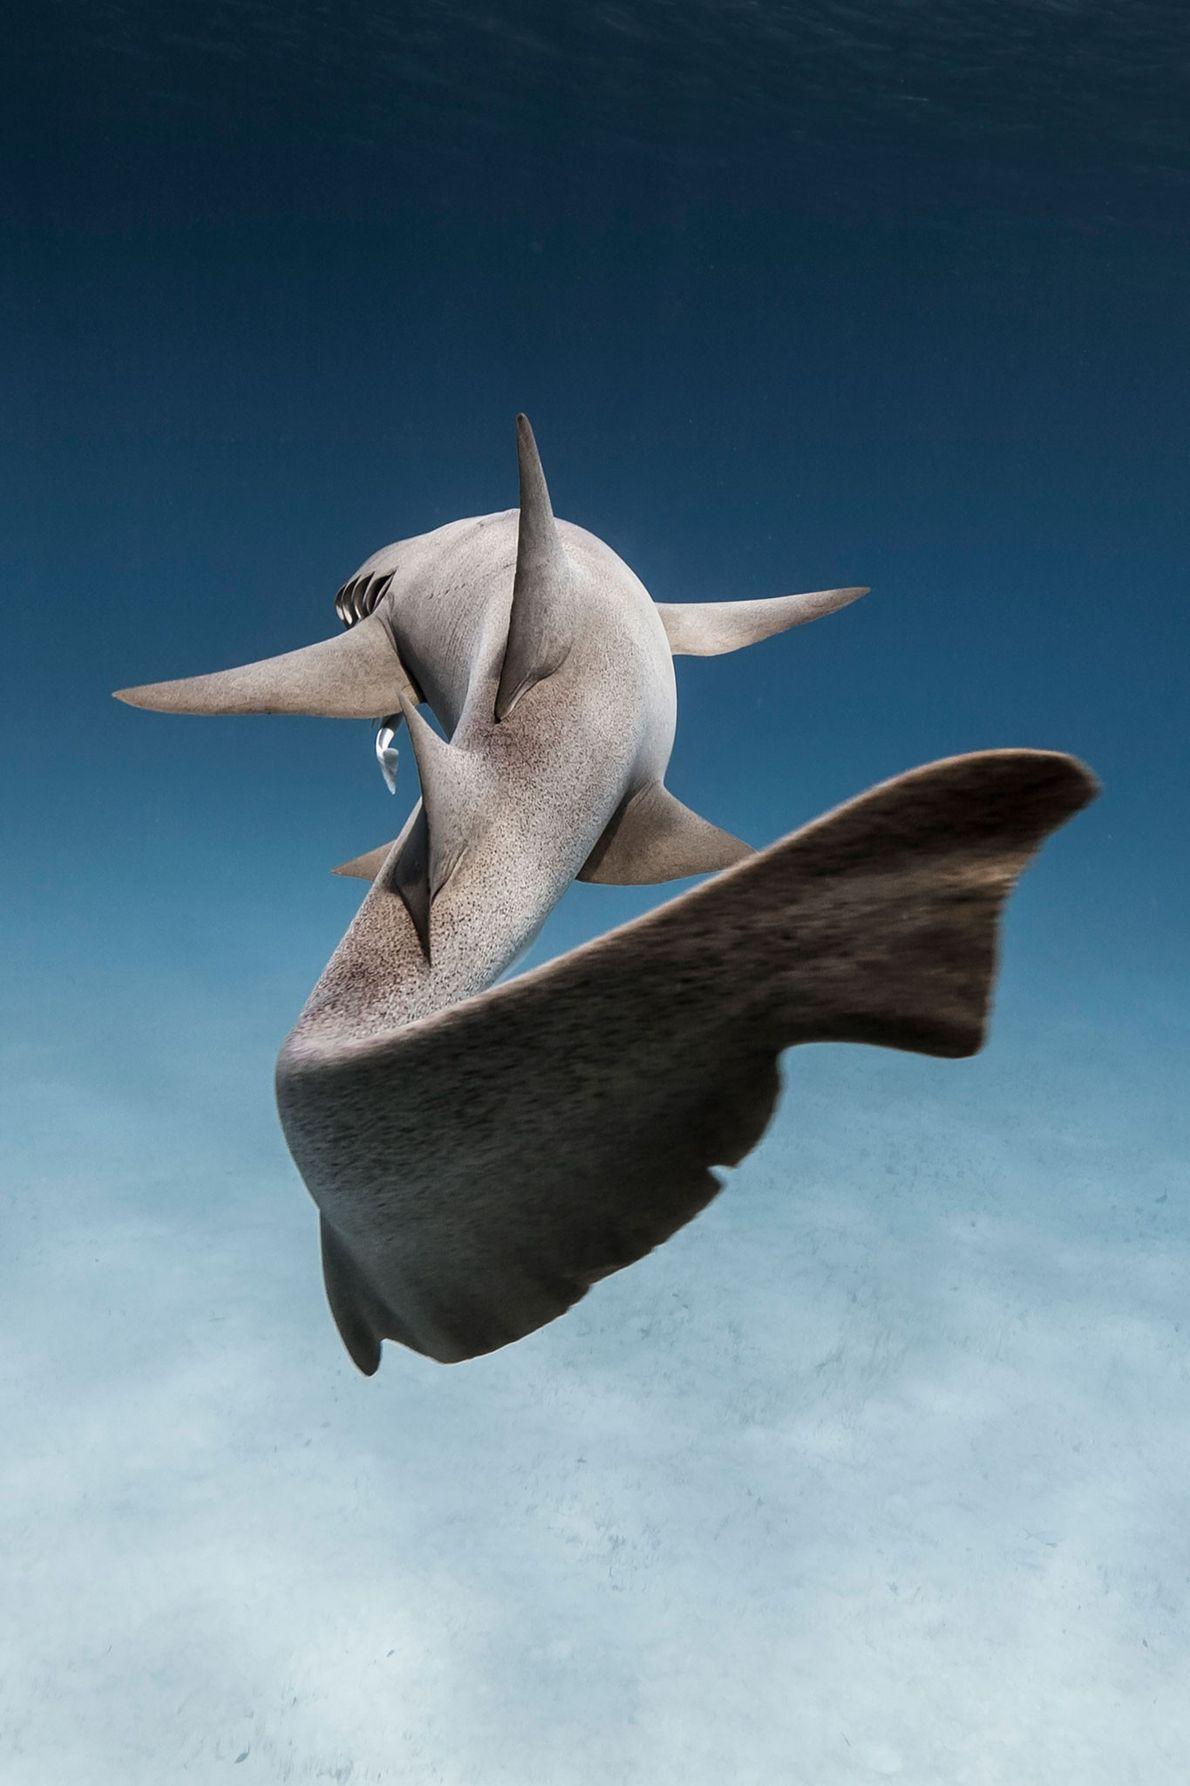 Tubarão-enfermeira nas Bahamas